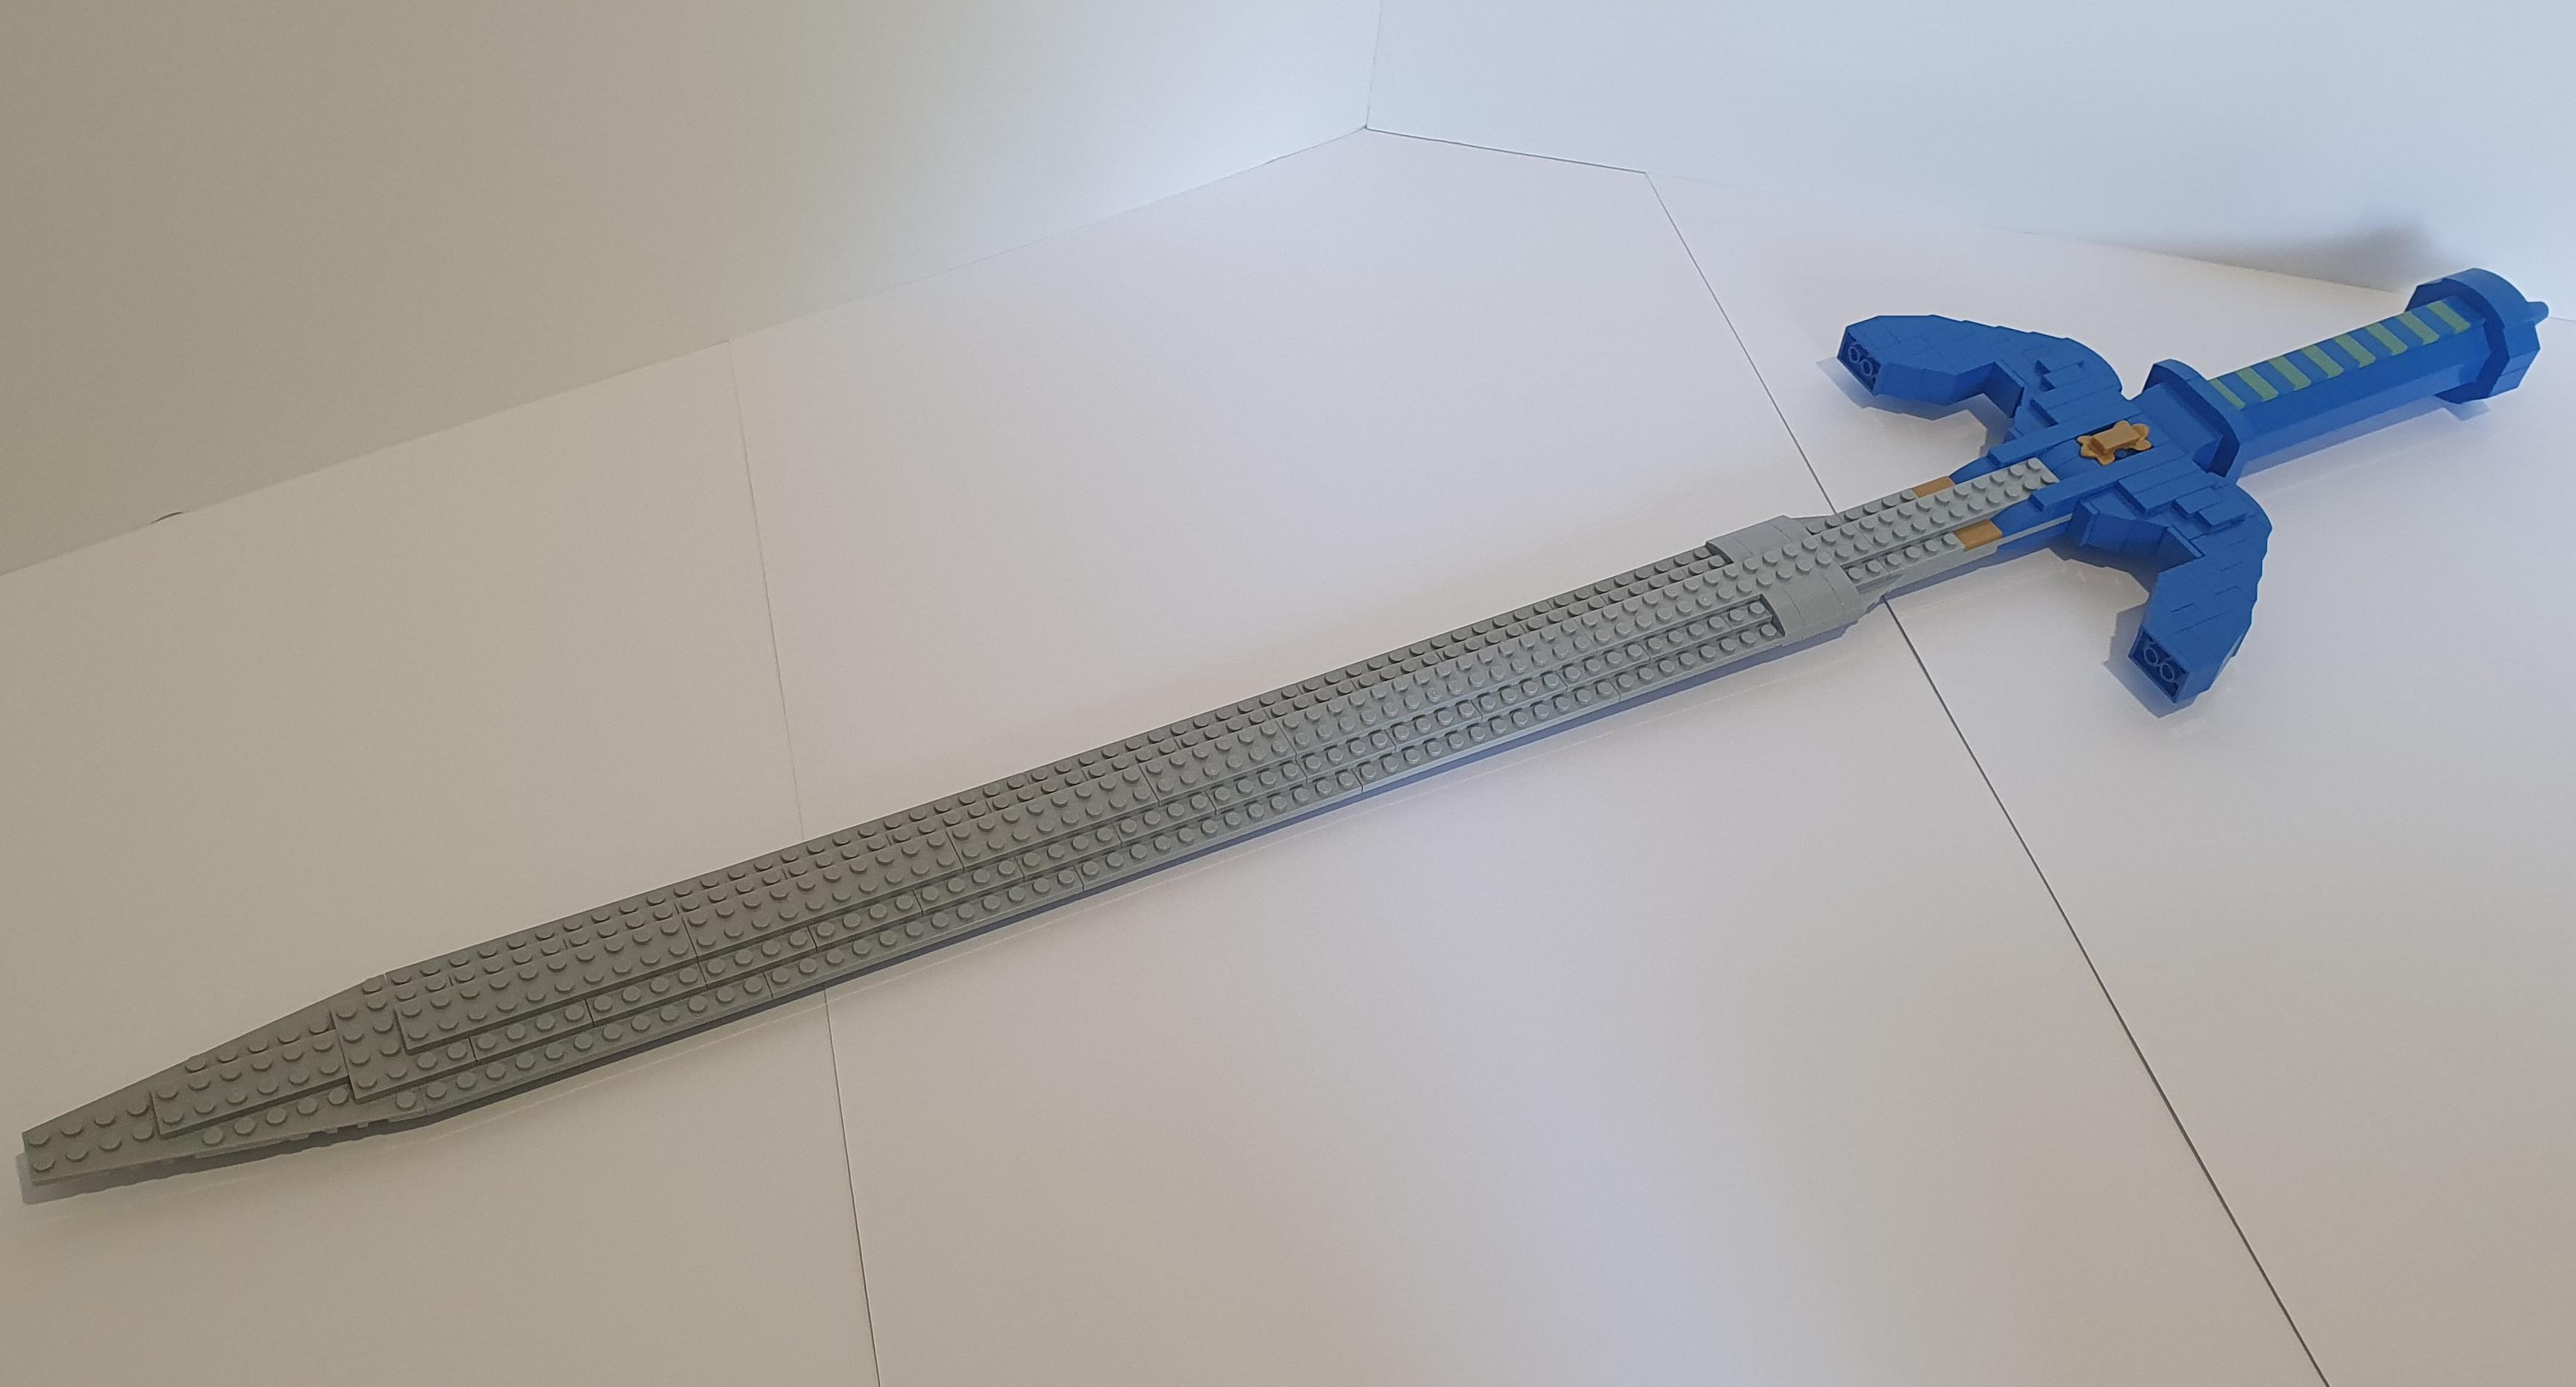 Lego legends of zelda master sword